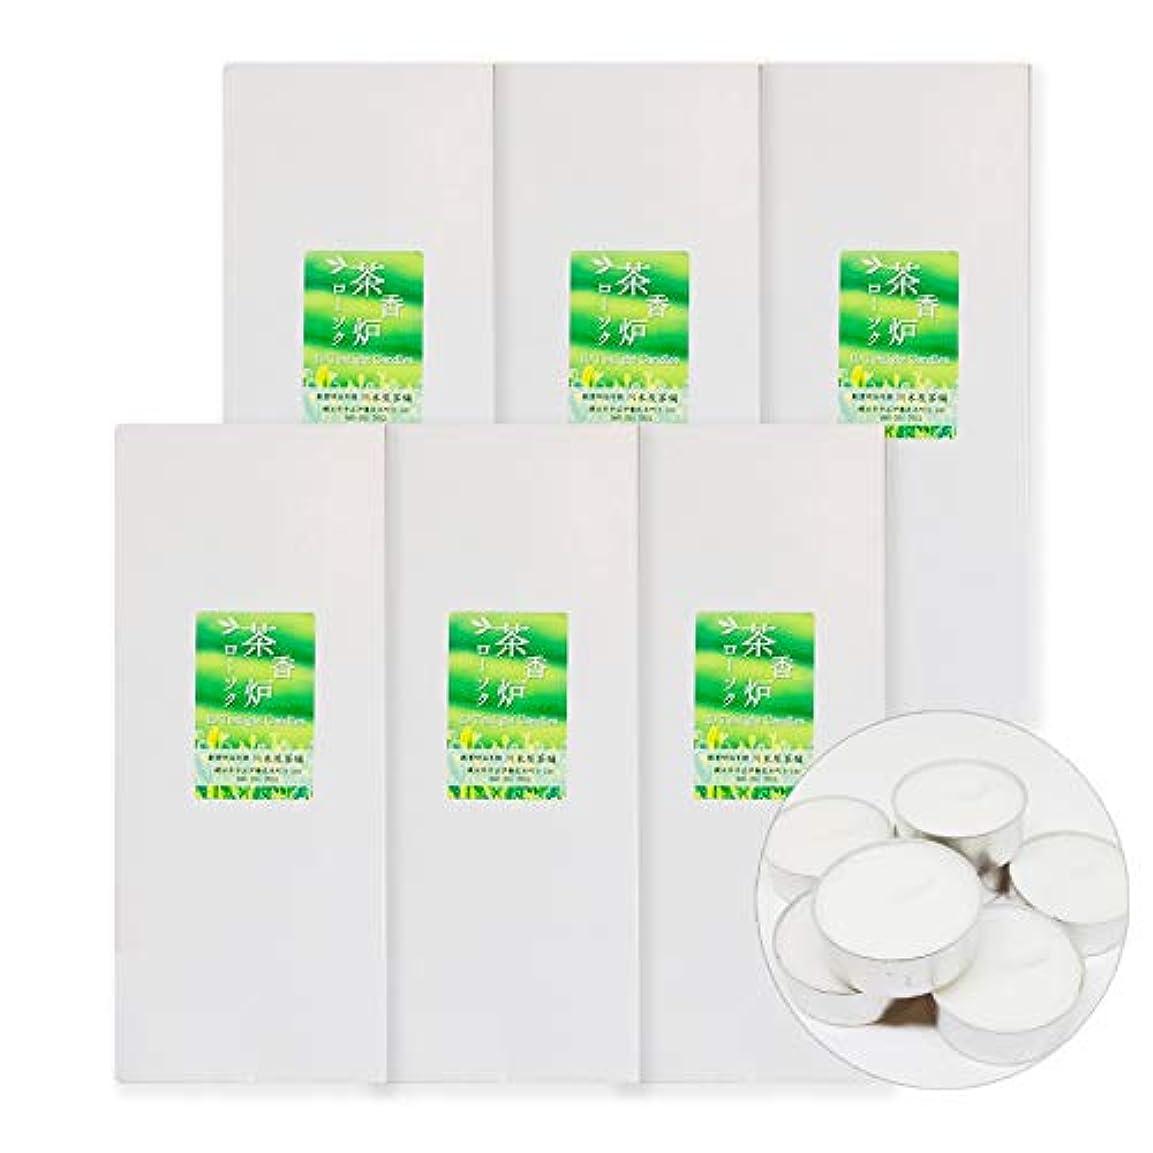 サポート適切なモールス信号茶香炉専用 ろうそく キャンドル 10個入り 川本屋茶舗 (6箱)